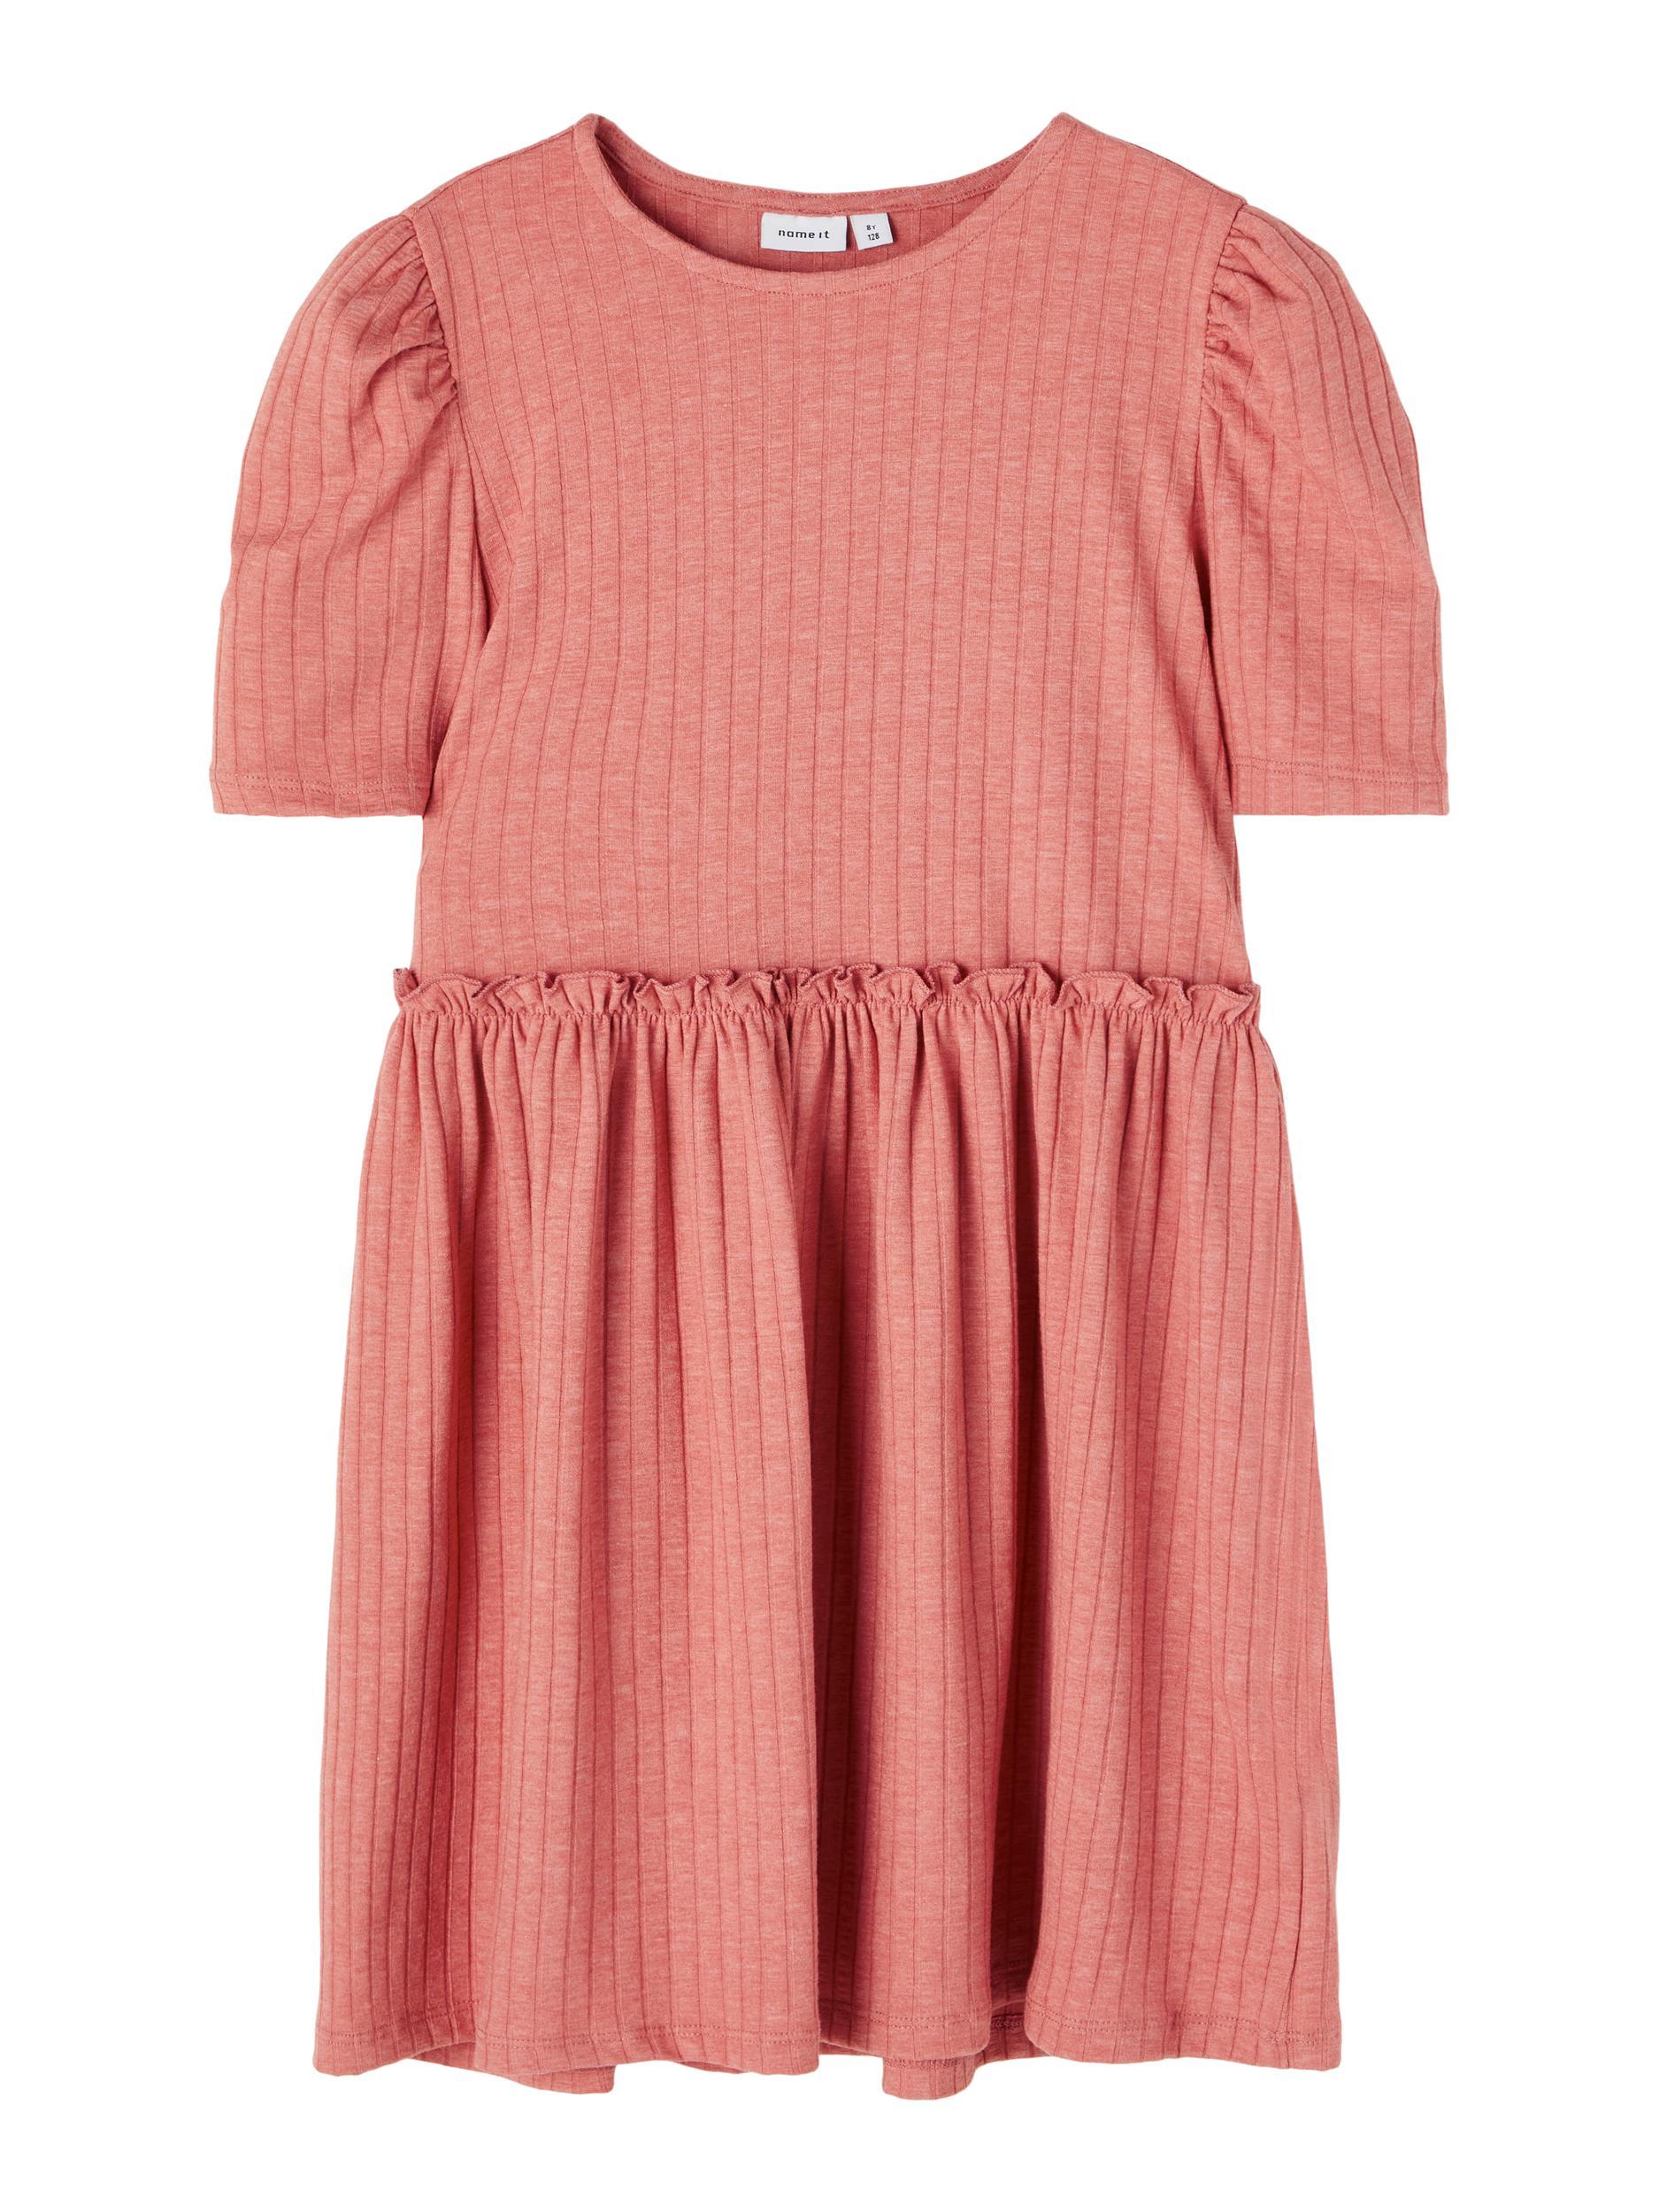 Name It Nola SS kjole, desert sand, 152